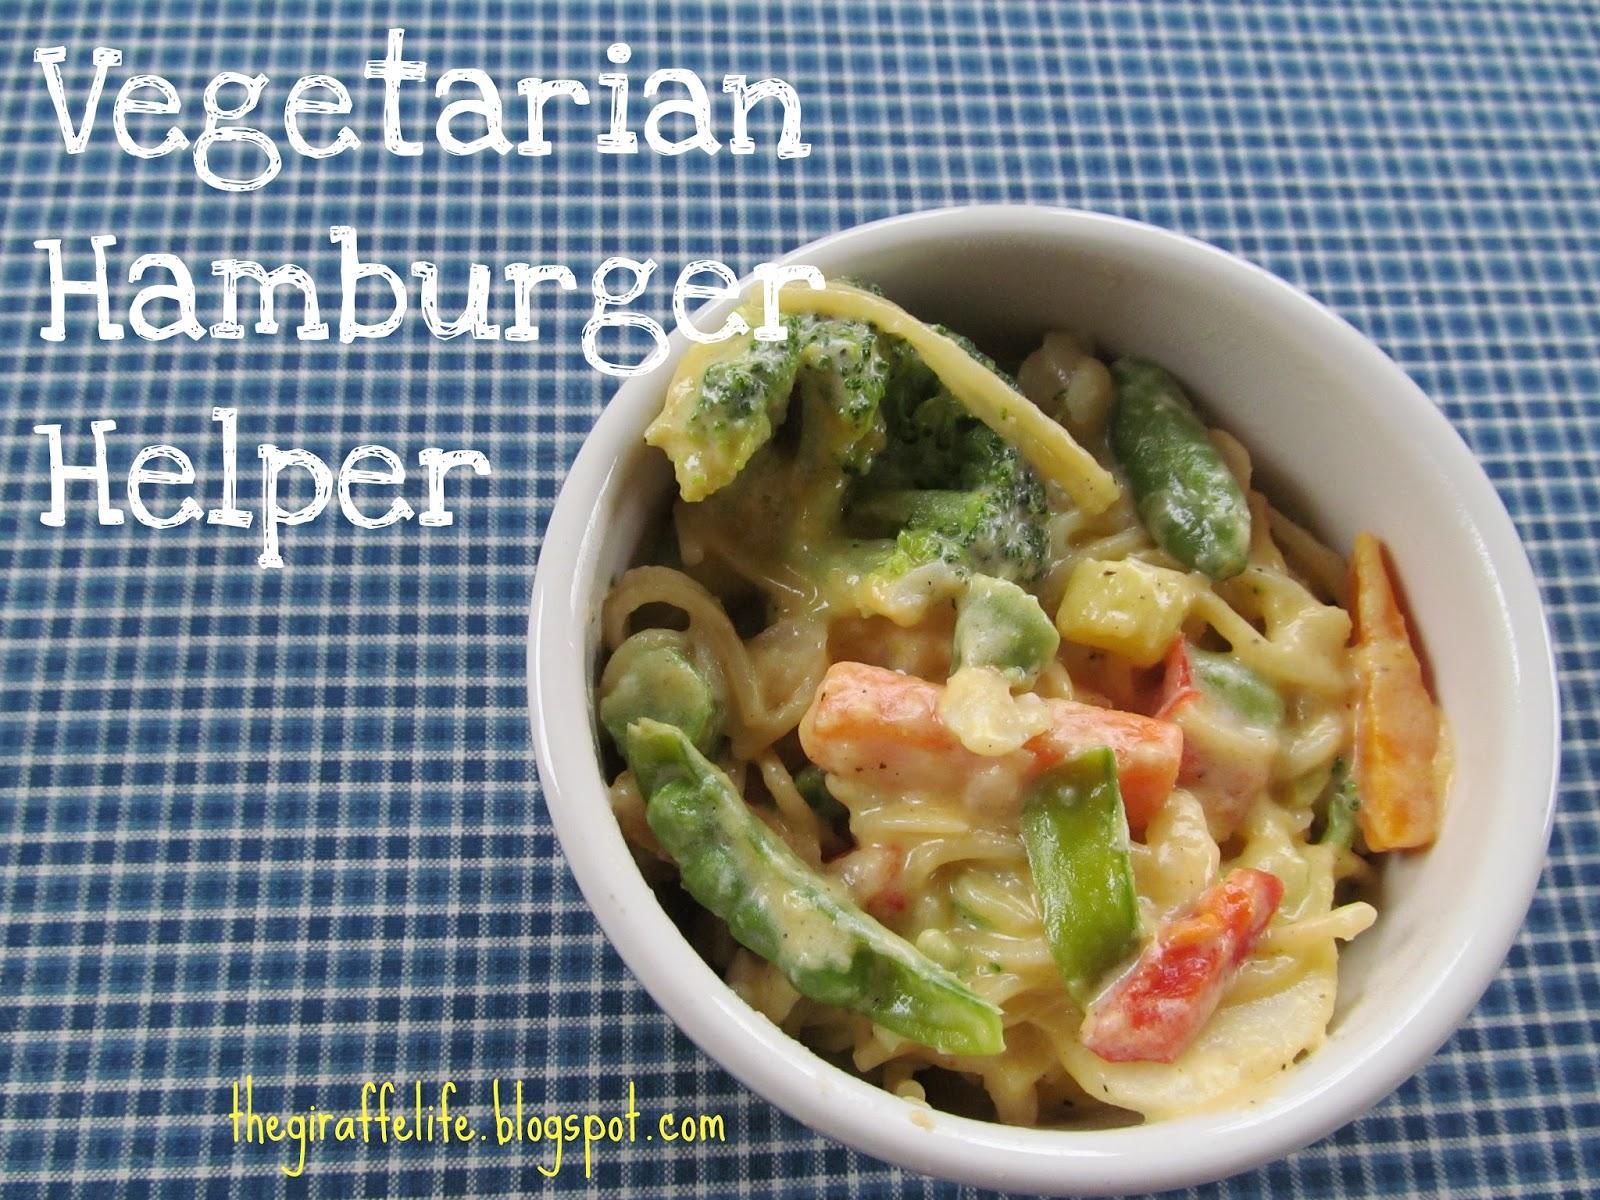 http://1.bp.blogspot.com/-iT40y_c2-zA/UfW_oJtfXFI/AAAAAAAABYc/1EWiHRynJ6E/s1600/vegetarian+hamburger+helper-001.JPG